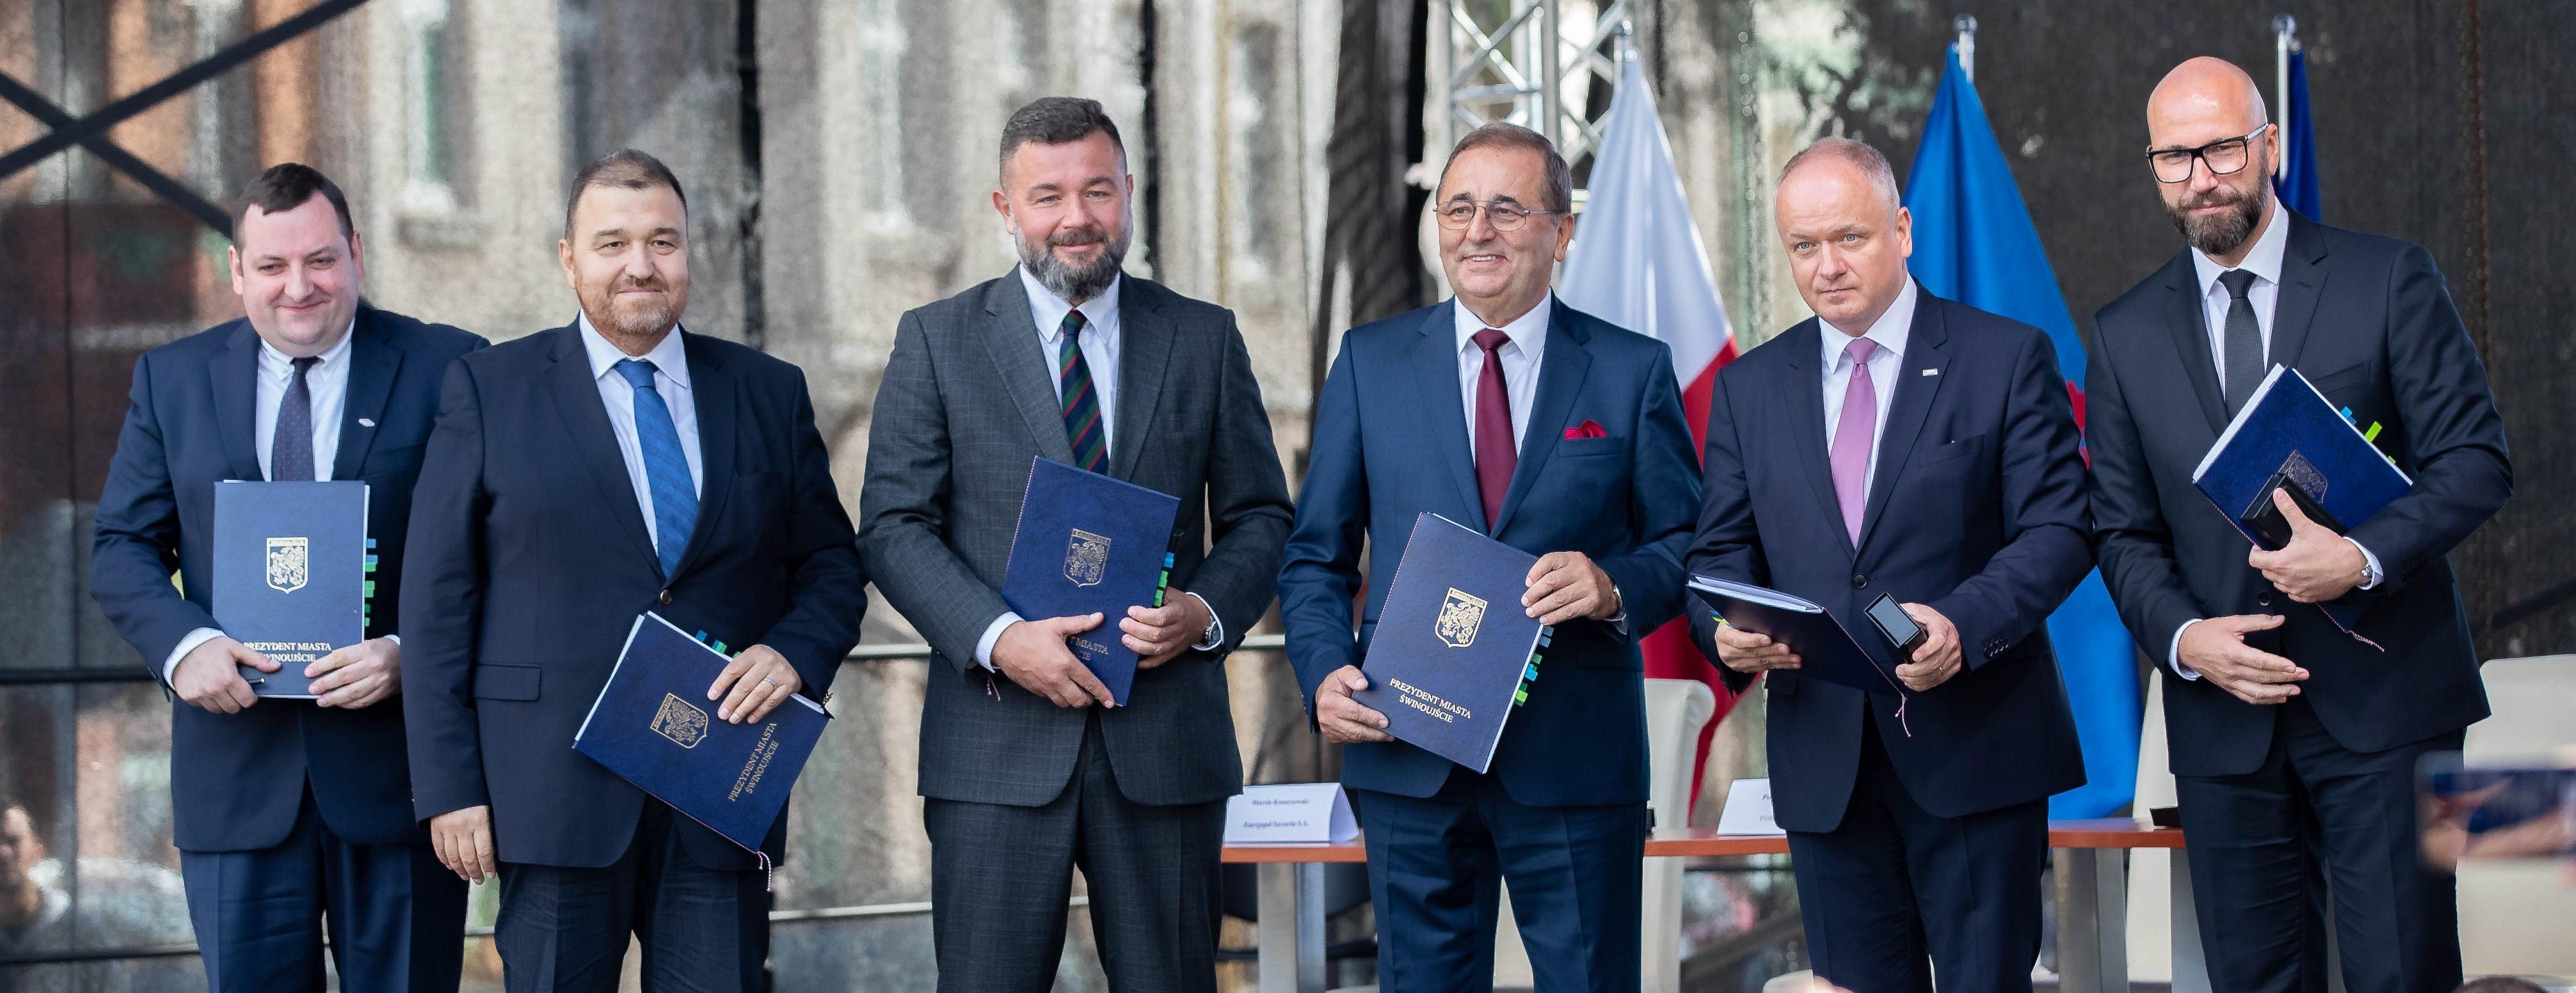 Wrzesień 2018 r. Podpisanie kontraktu na tunel w Świnoujściu. Pierwszy od lewej Marcin Konarzewski, dyrektor Energopolu-Szczecin. fot. mat. pras.